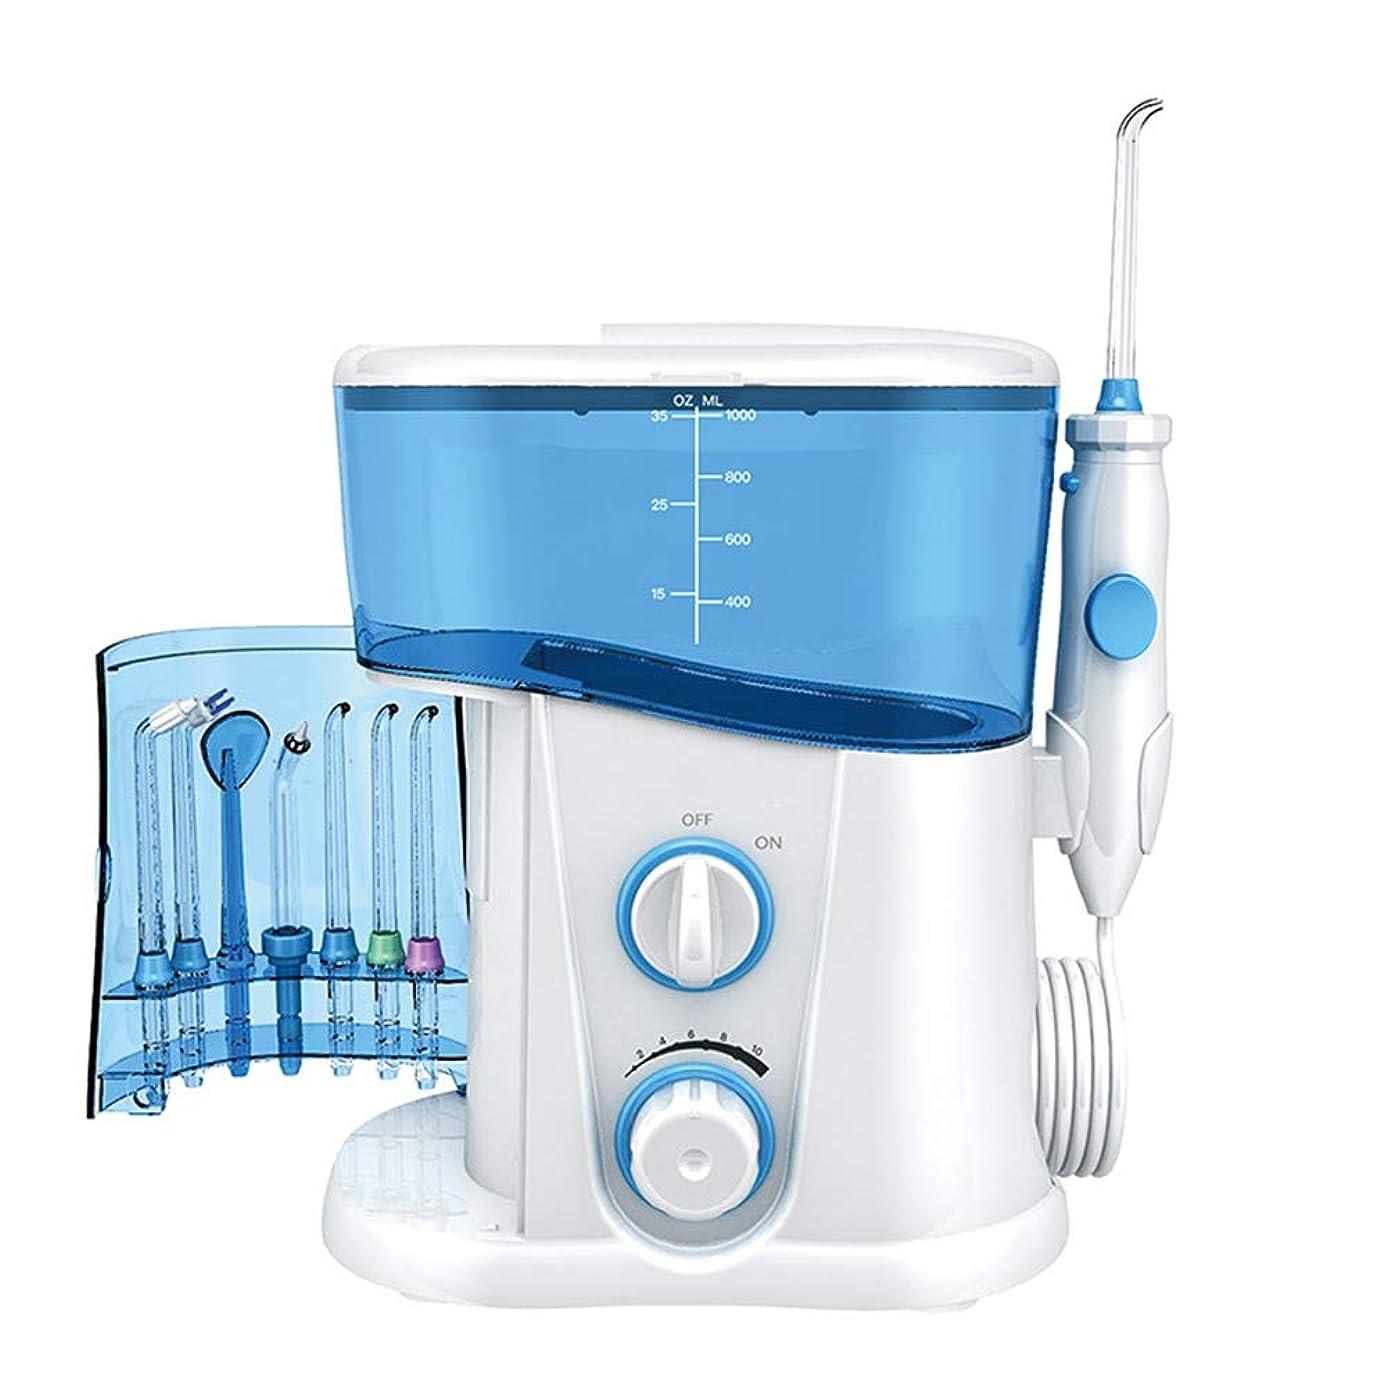 頭コマンドバスト電動歯洗浄機1000ミリリットル水タンク10歯低ノイズ360°回転ノズルオールラウンドホワイトニングケア歯新鮮なオーラル大人子供